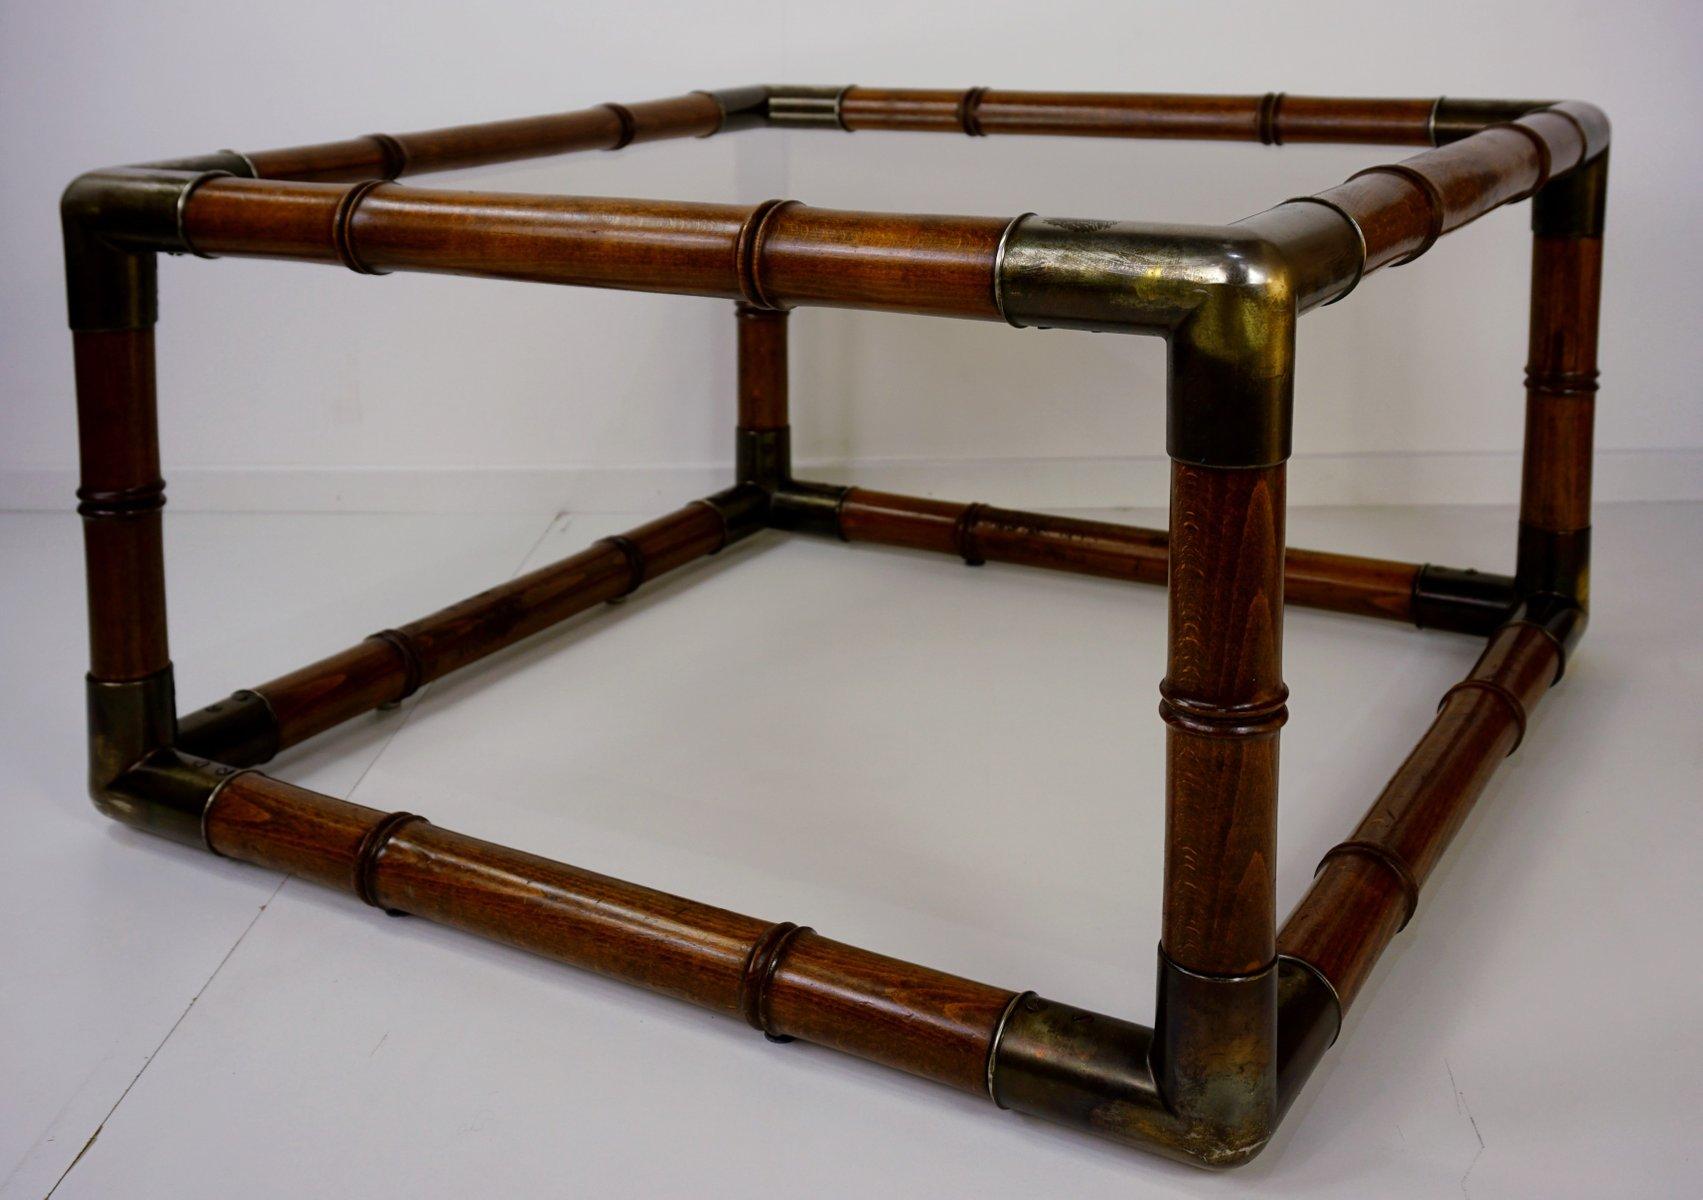 couchtisch aus geschnitztem holz und glas 1960er bei pamono kaufen. Black Bedroom Furniture Sets. Home Design Ideas